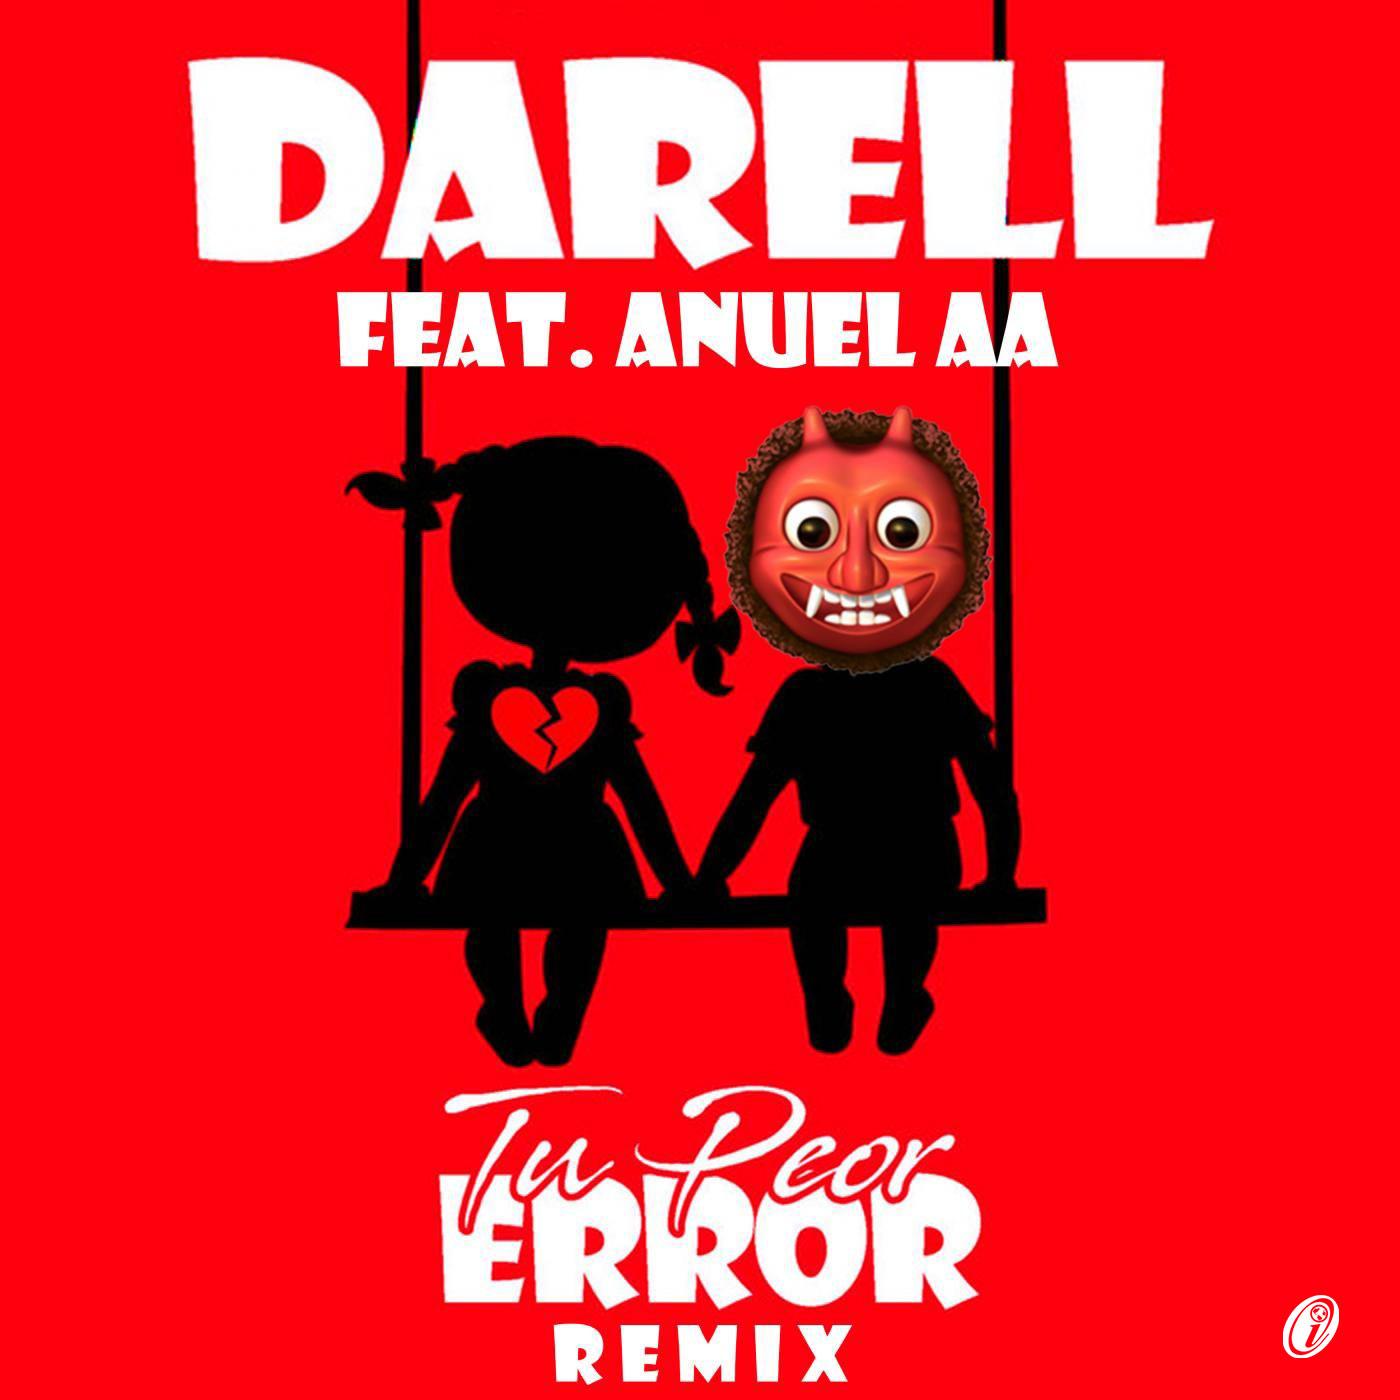 Darell Ft. Anuel AA Tu Peor Error Remix - Darell Ft. Anuel AA – Tu Peor Error (Remix)